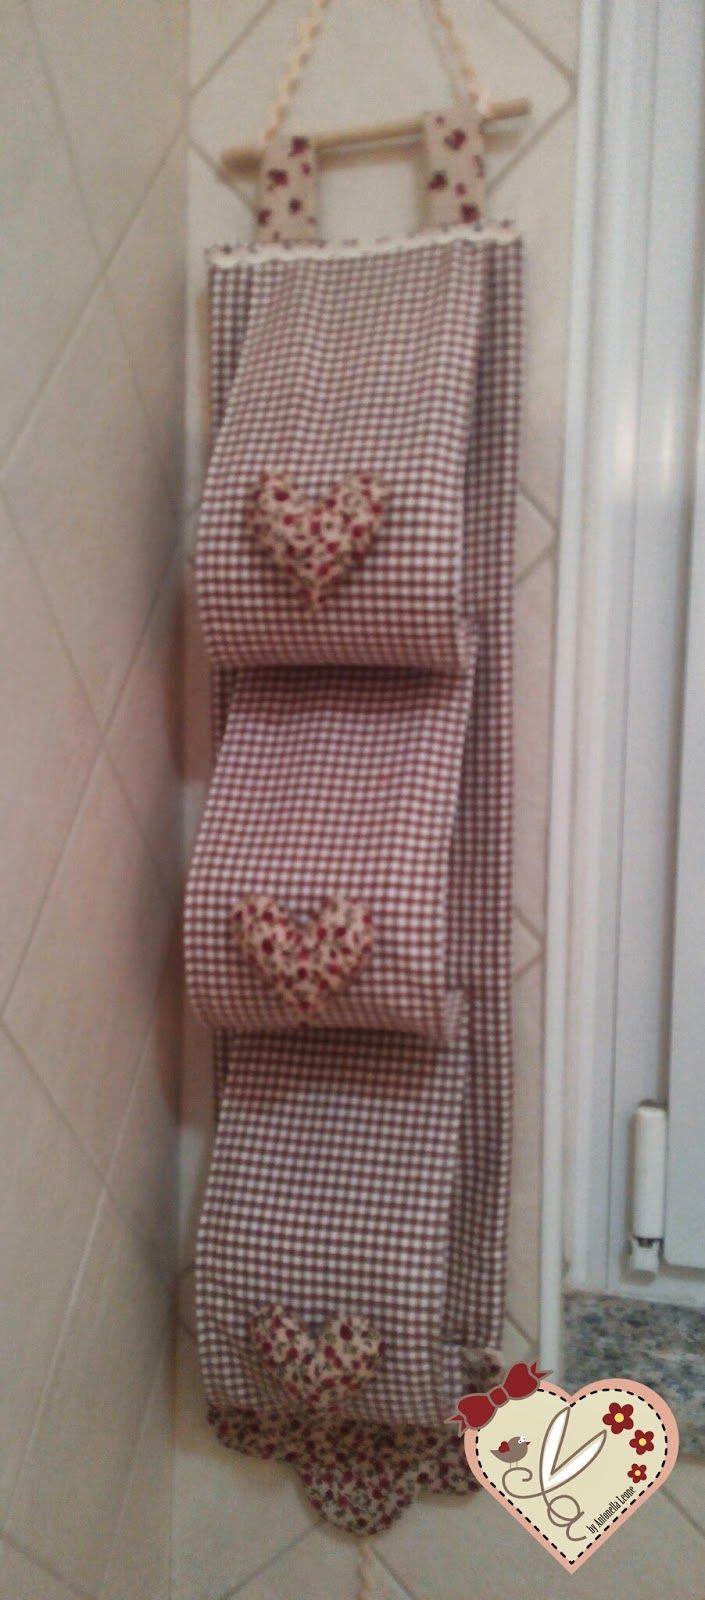 Le creazioni di antonella tende per bagno con dietro vetro mantovana portarotoli e tendina - Tende per bagno a vetro ...